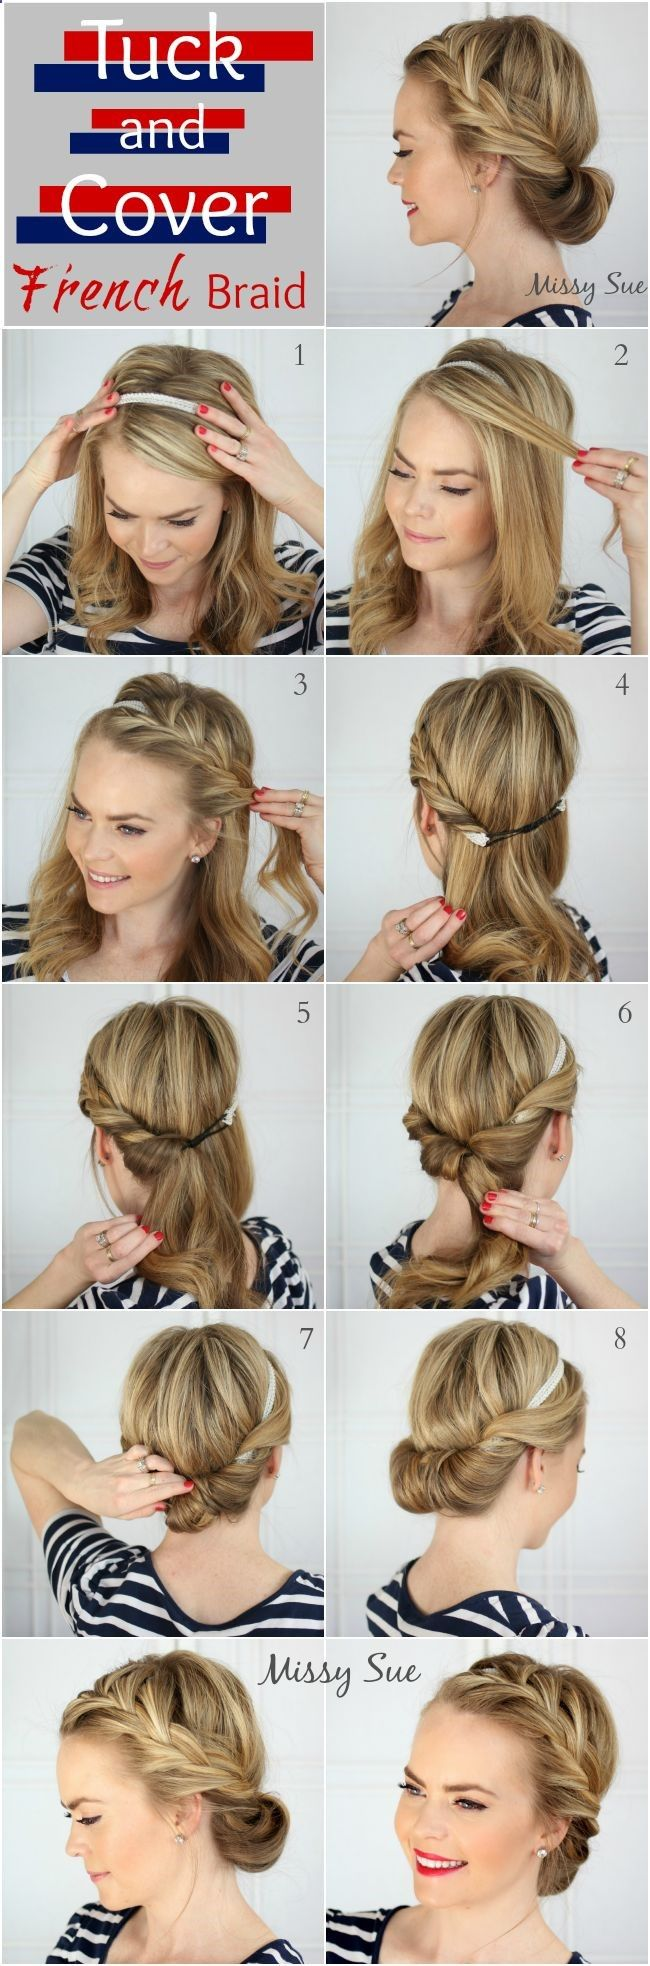 Cute summer hair hair dous pinterest braid tutorials french